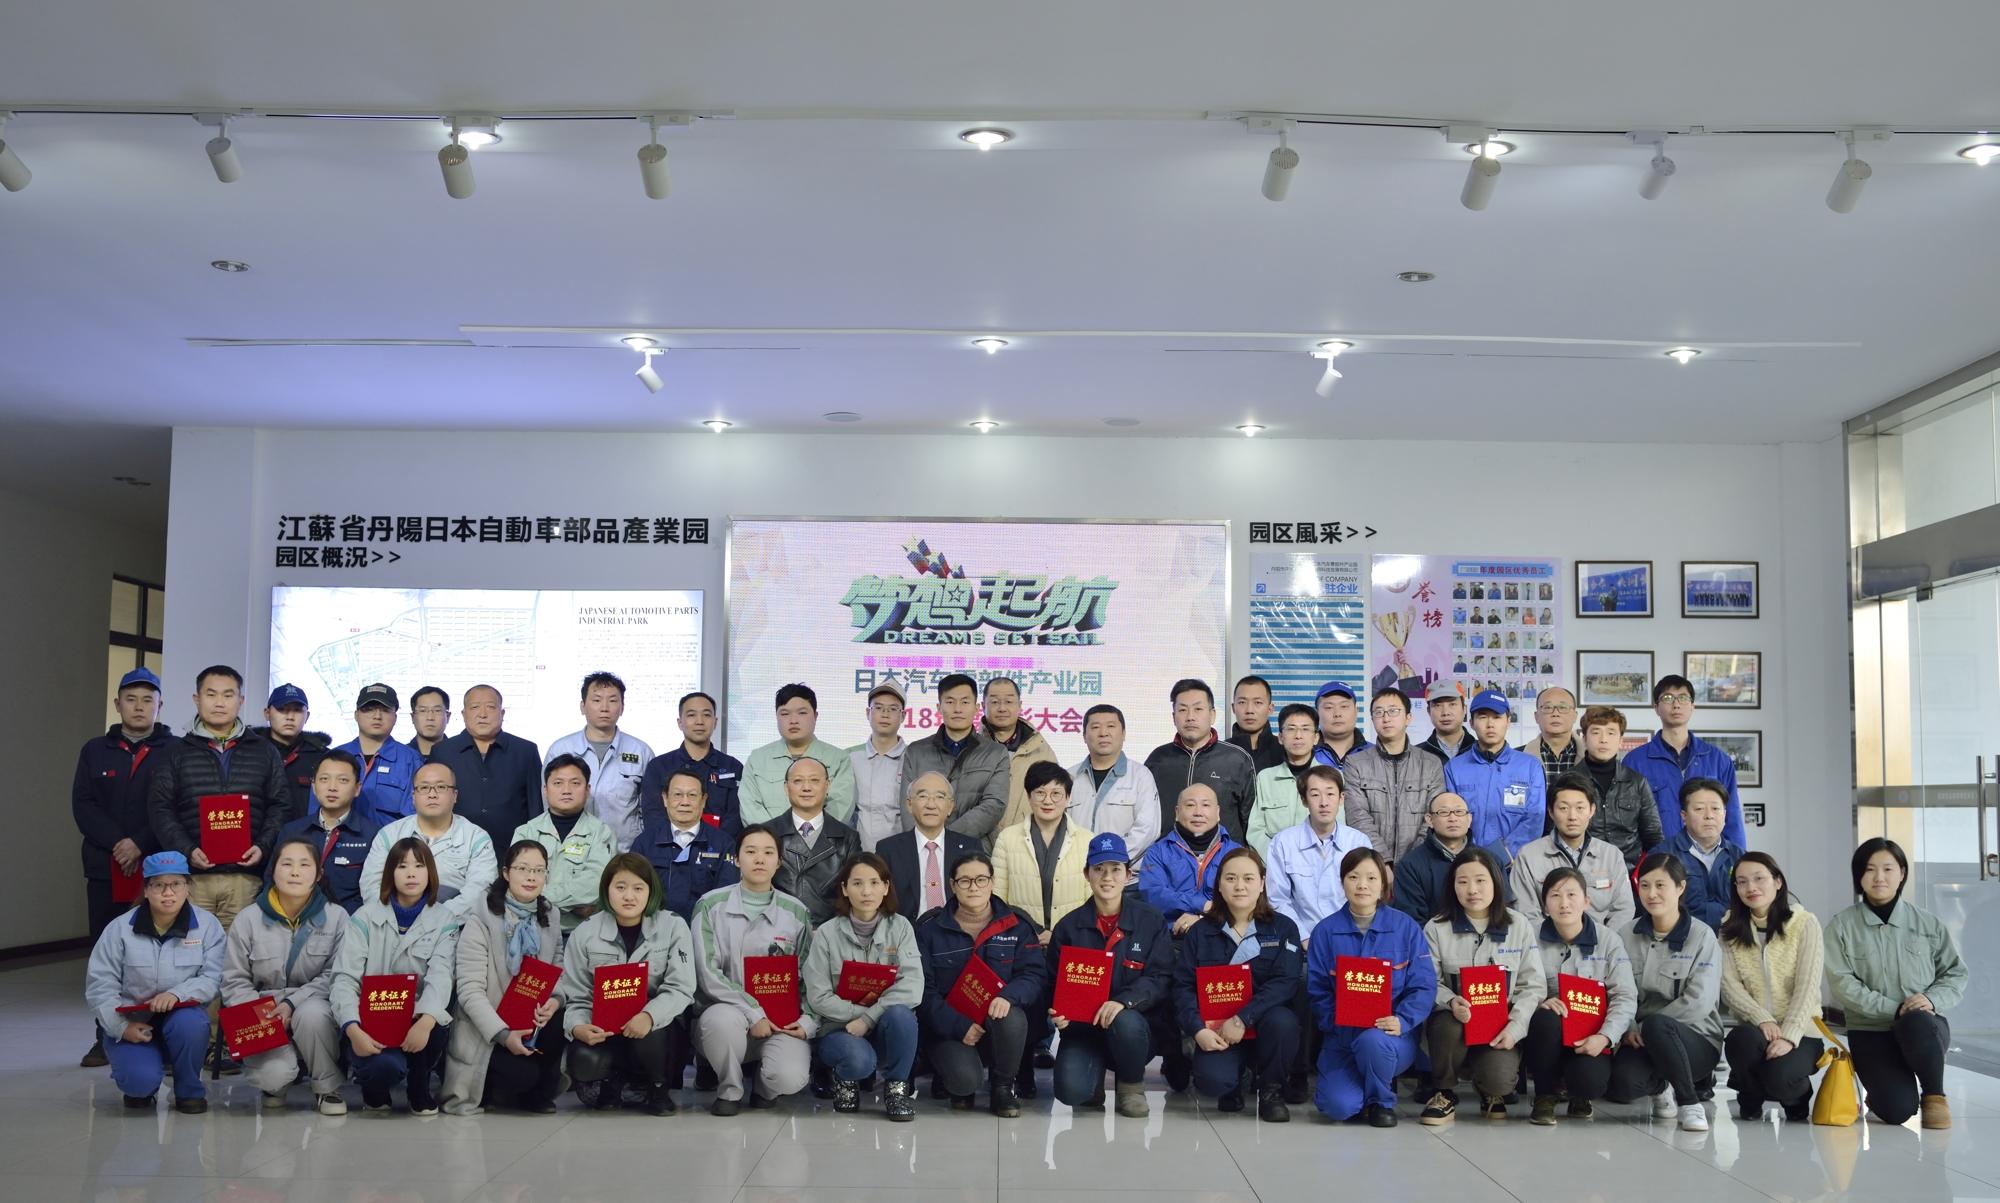 日产园34名员工获表彰